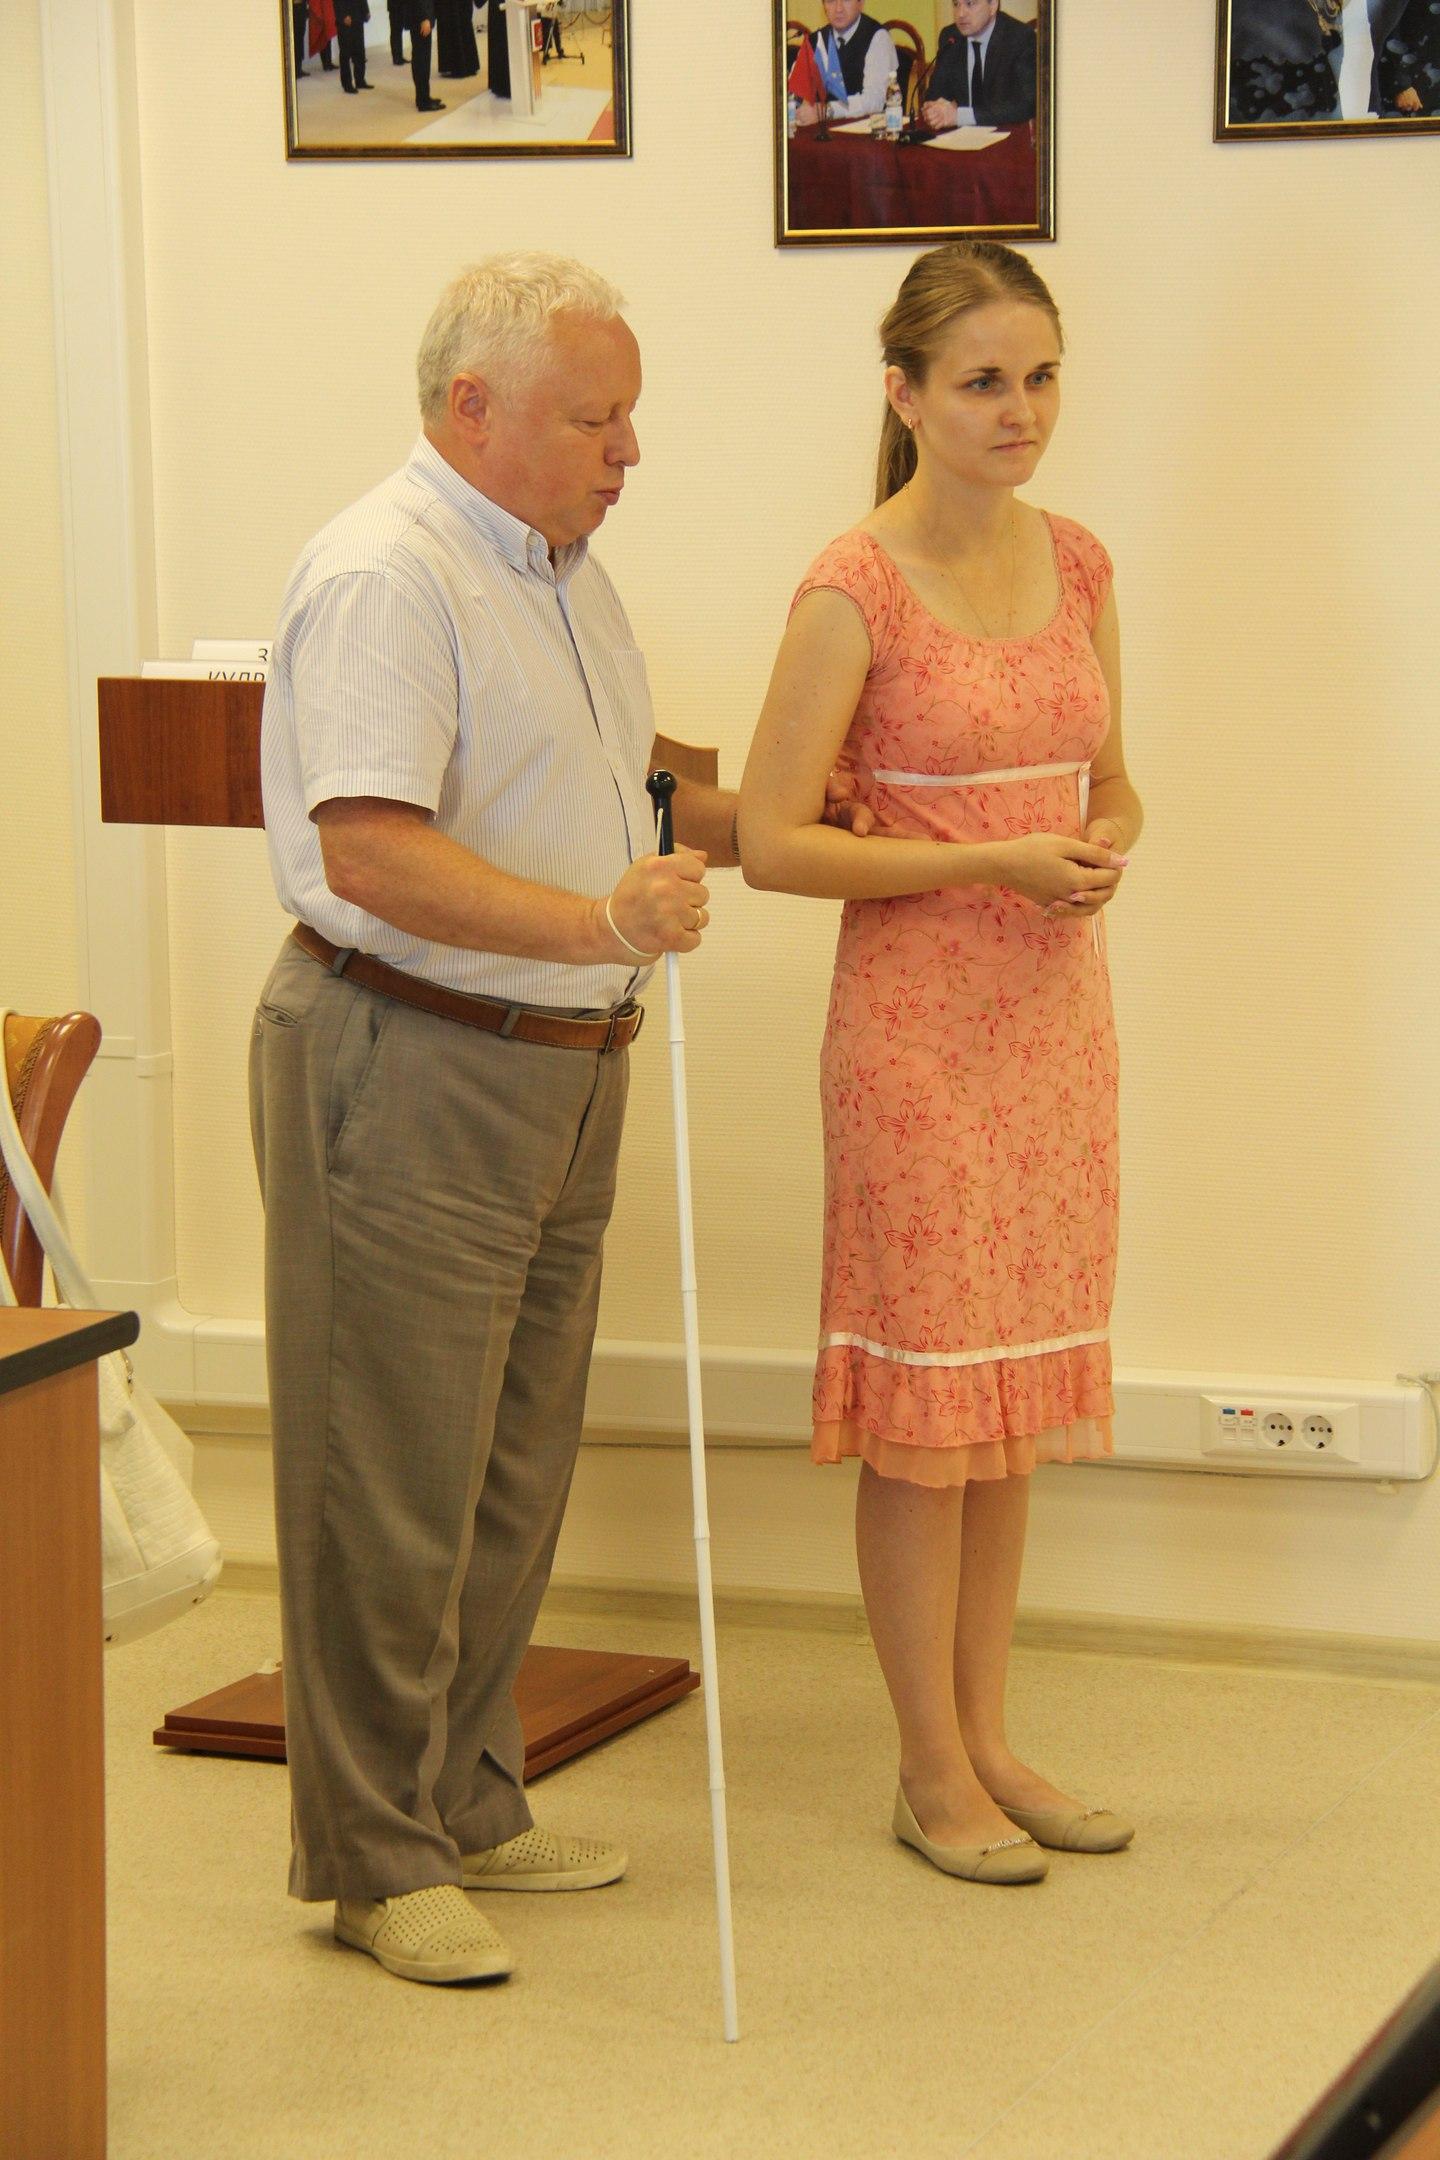 29 июня 2016 года по приглашению ЦИК Московской области специалисты Института «Реакомп» организовали и провели обучающий семинар «Взаимодействие волонтеров с избирателями – инвалидами различных нозологий»